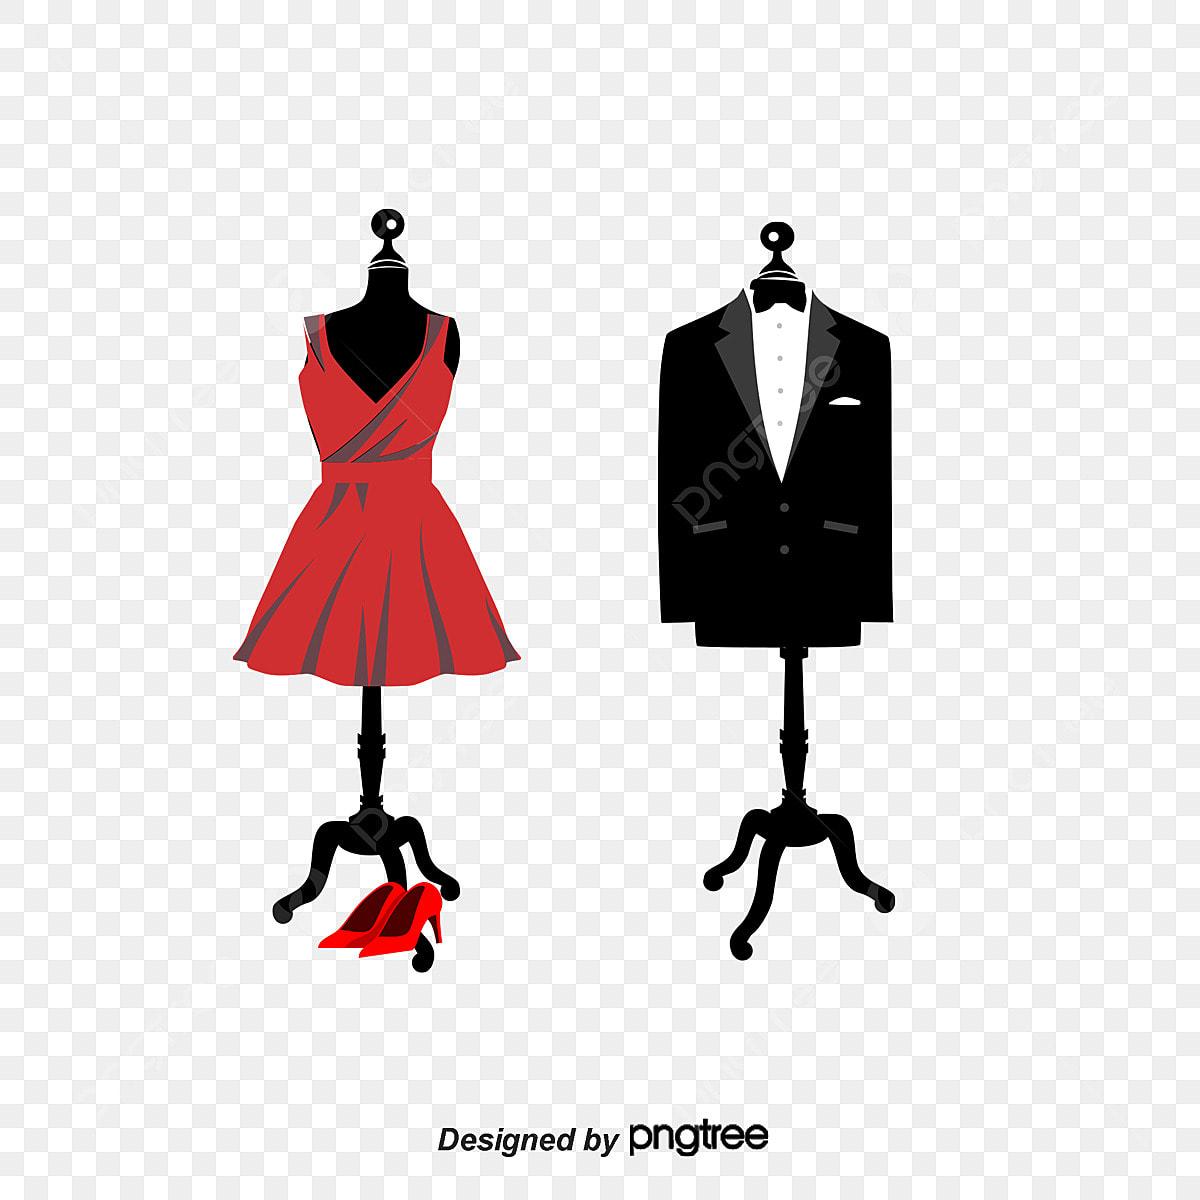 c0e5c642c Vestido De Novia Y El Novio Vestido Ropa Boda Percha Archivo PNG y ...